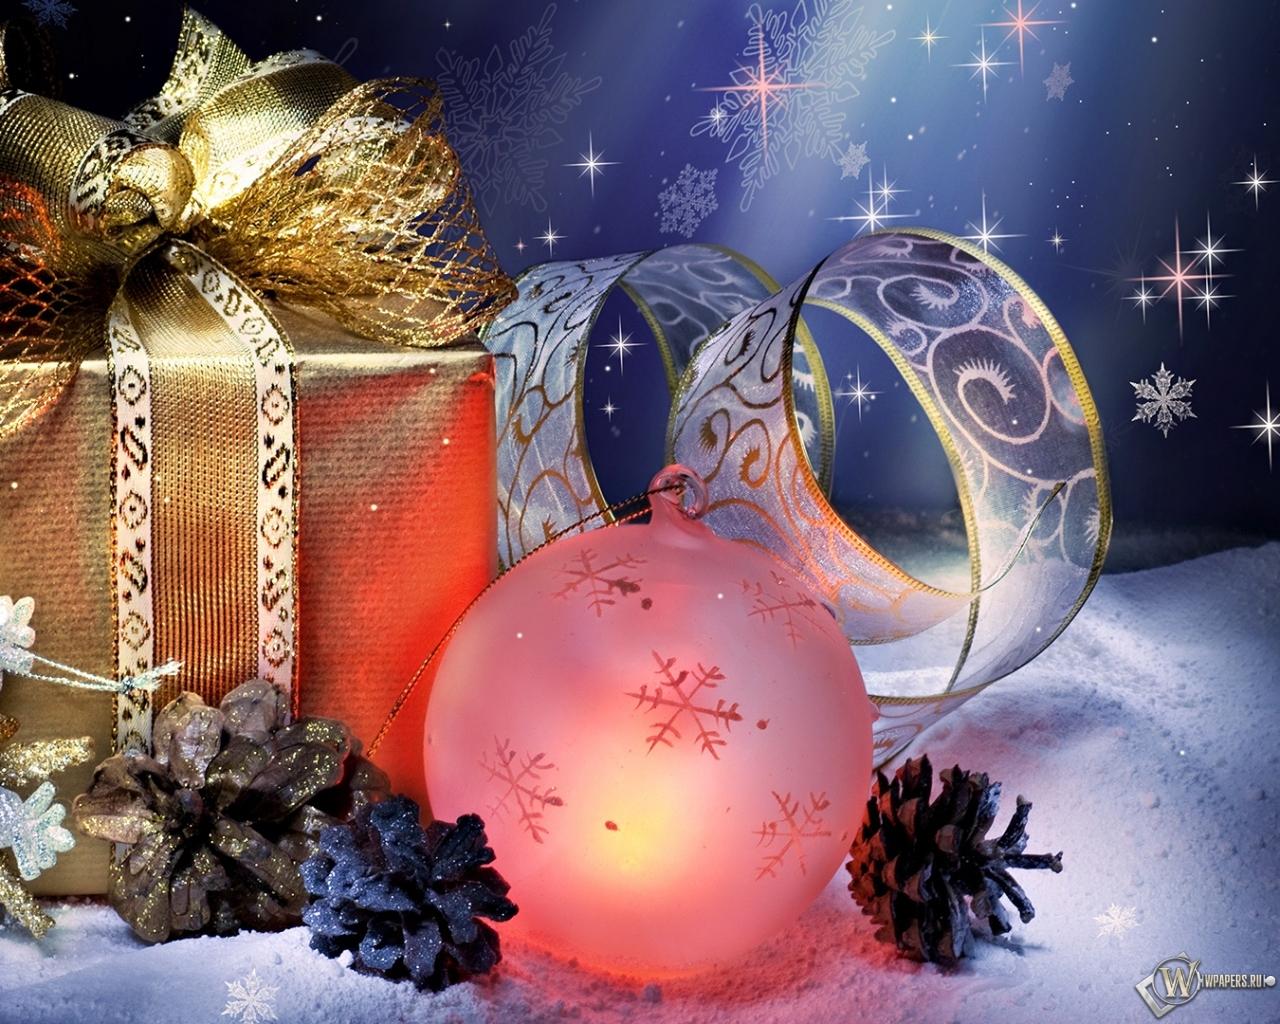 Юбилей, открытка яндекс с новым годом